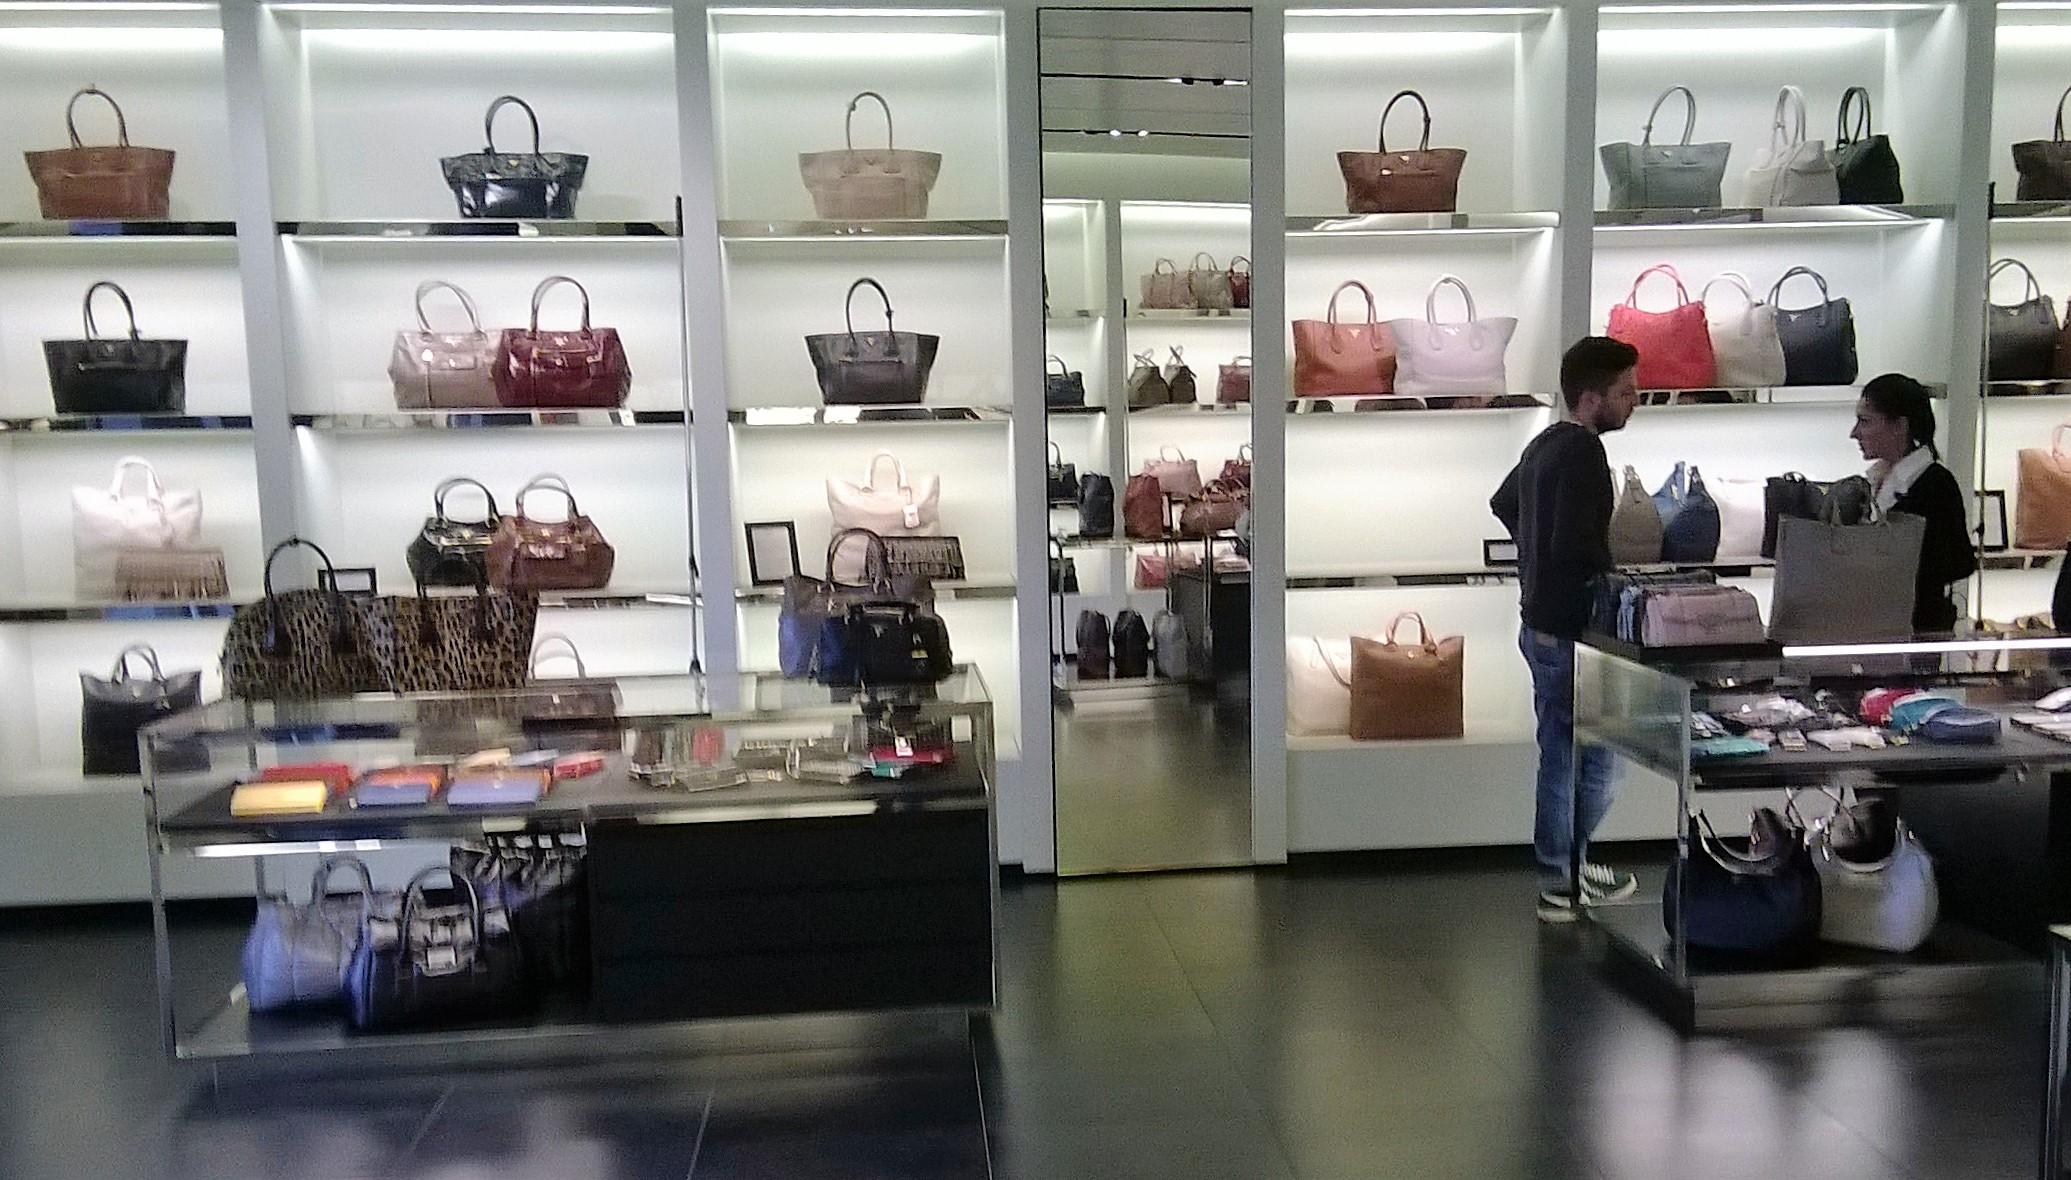 McArthur Glen Barberino Designer Outlet Shopping in Florence